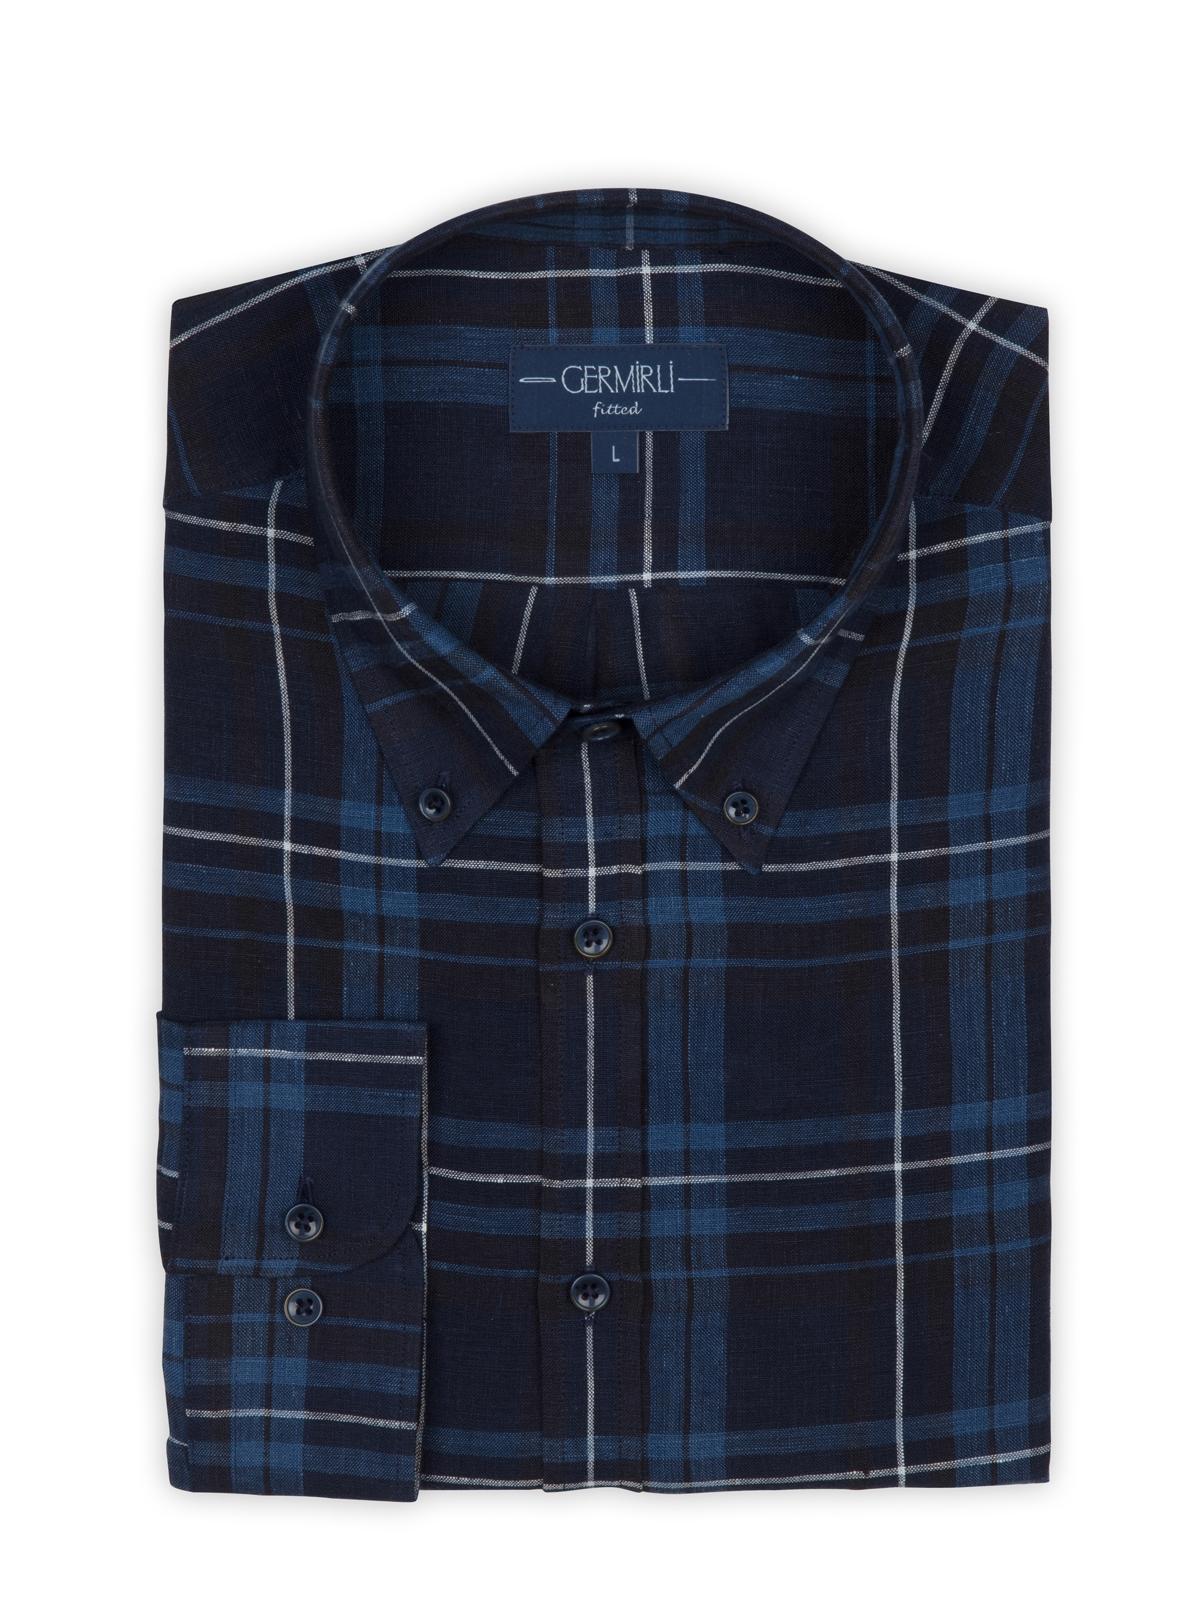 Germirli Mavi Lacivert Kareli Indigo Keten Düğmeli Yaka Tailor Fit Gömlek